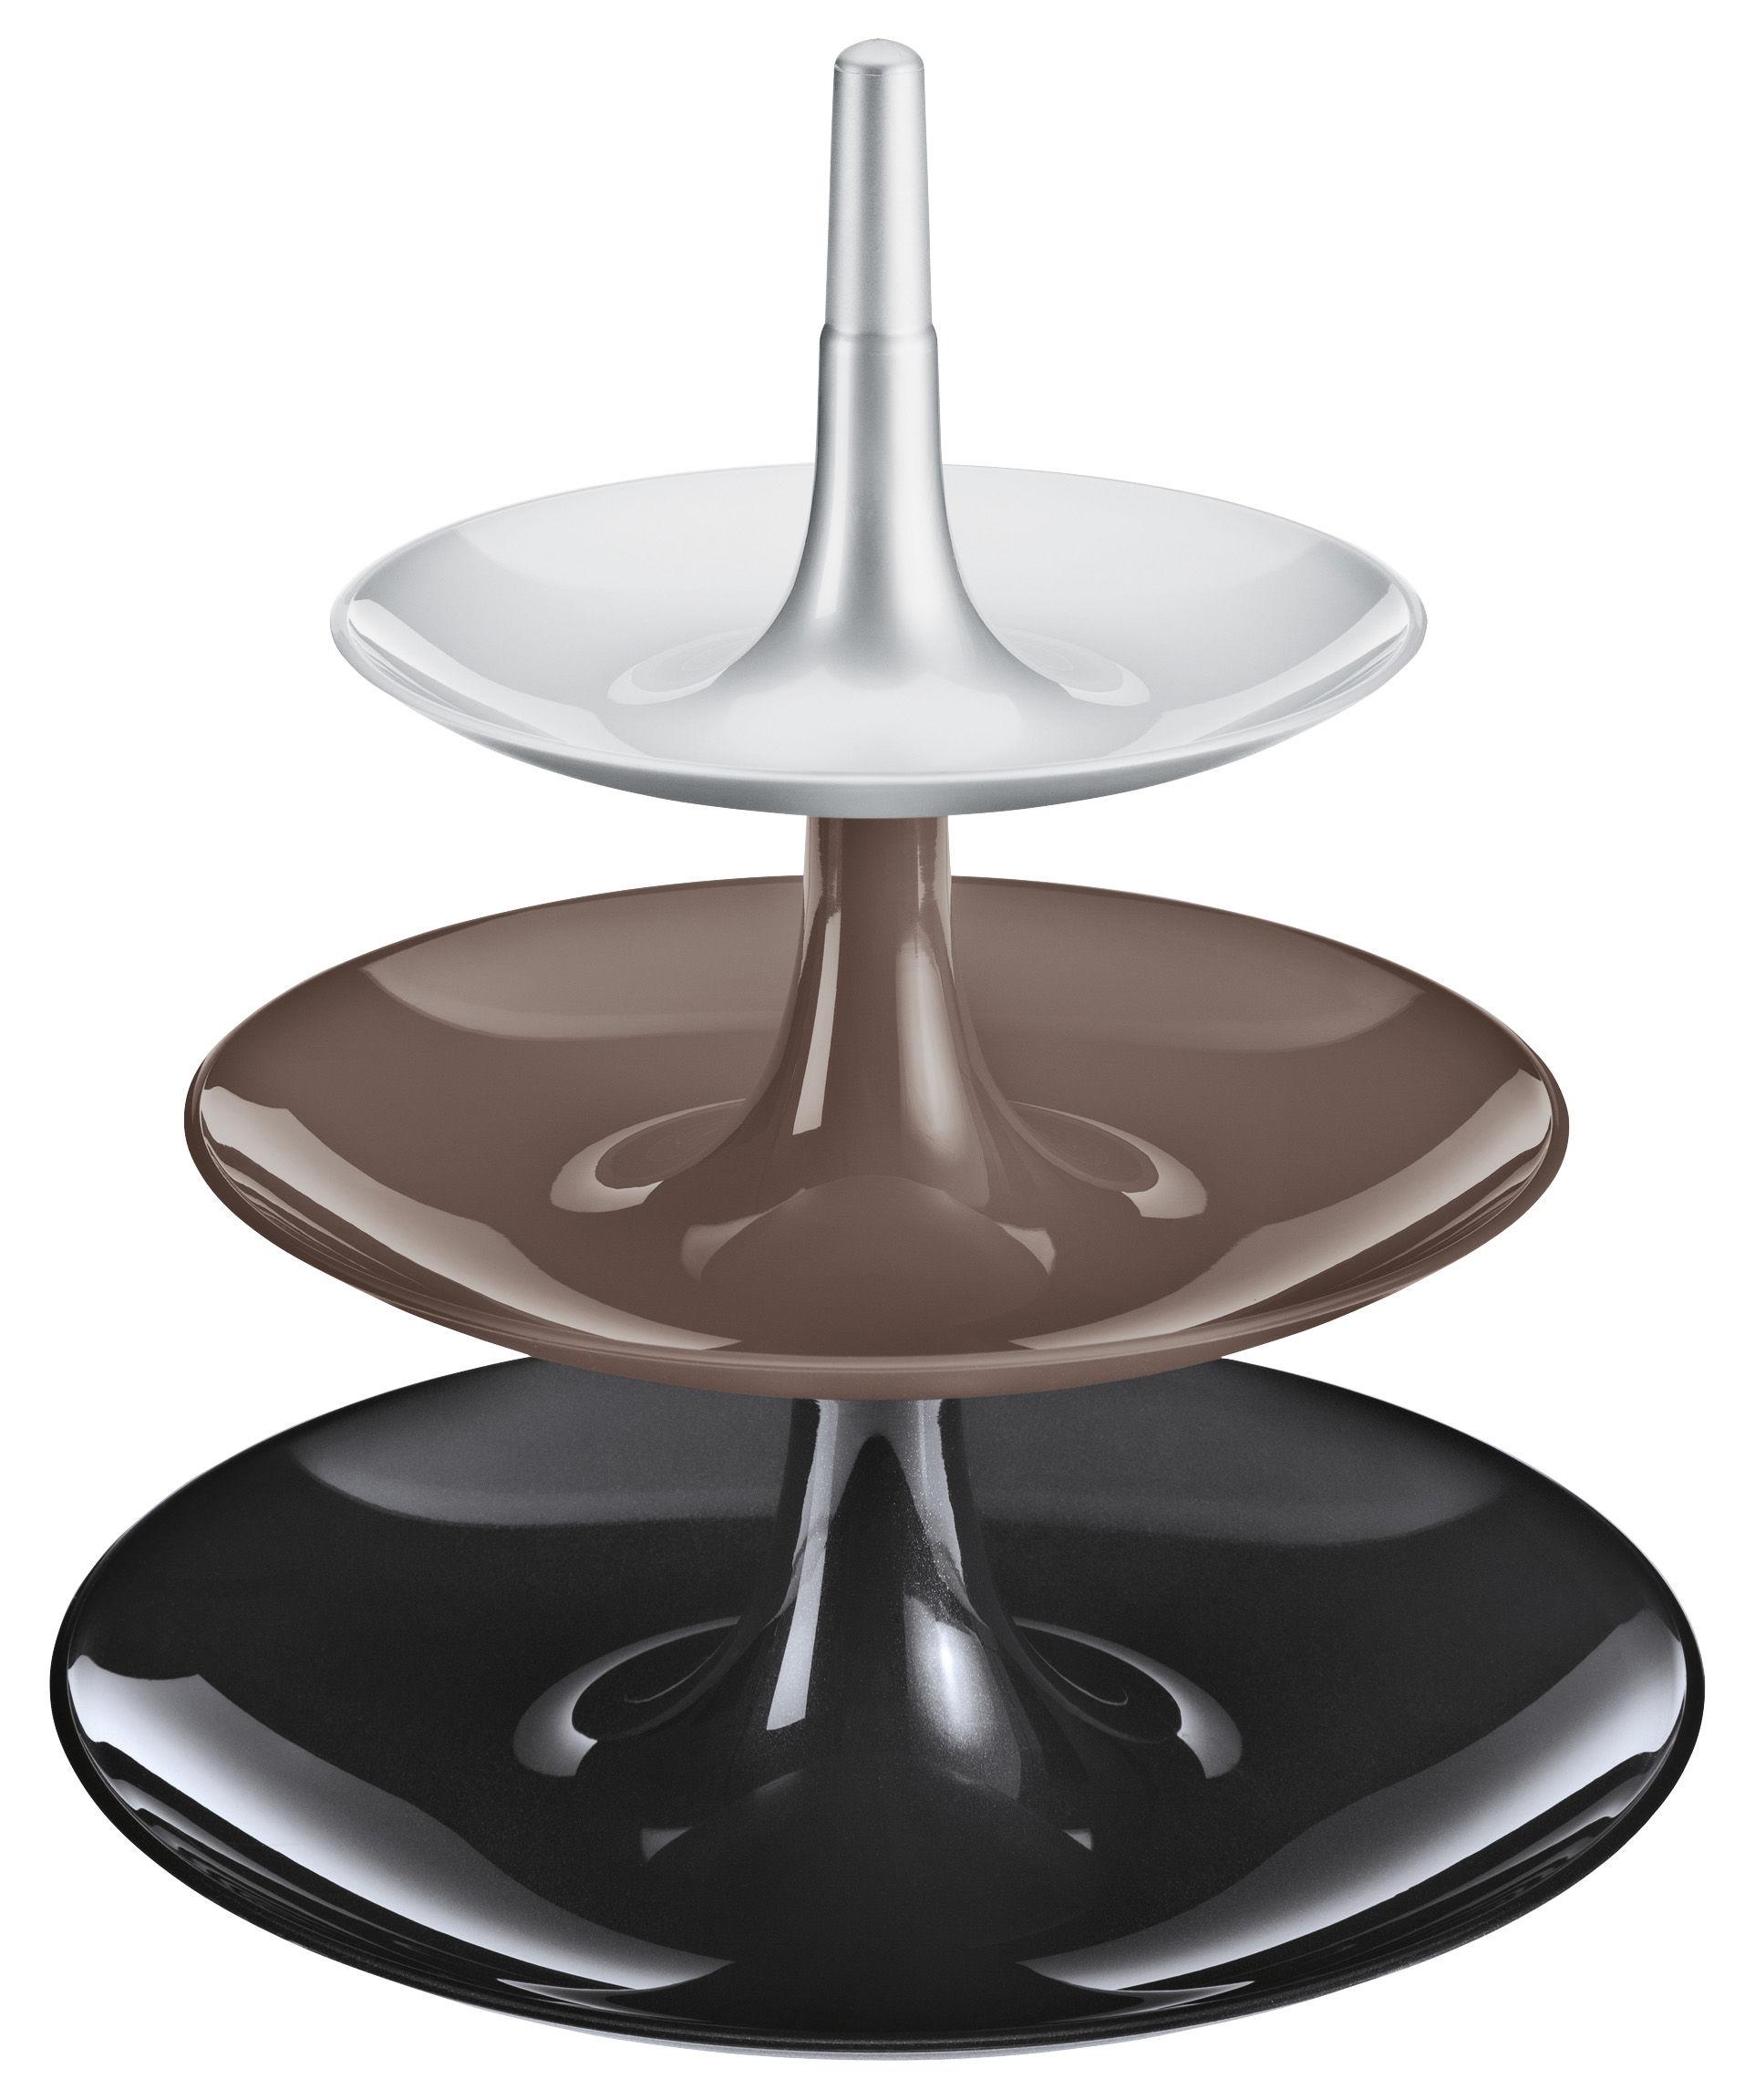 porte fruits babell 31 4 x h 34 cm noir opaque gris argent koziol. Black Bedroom Furniture Sets. Home Design Ideas